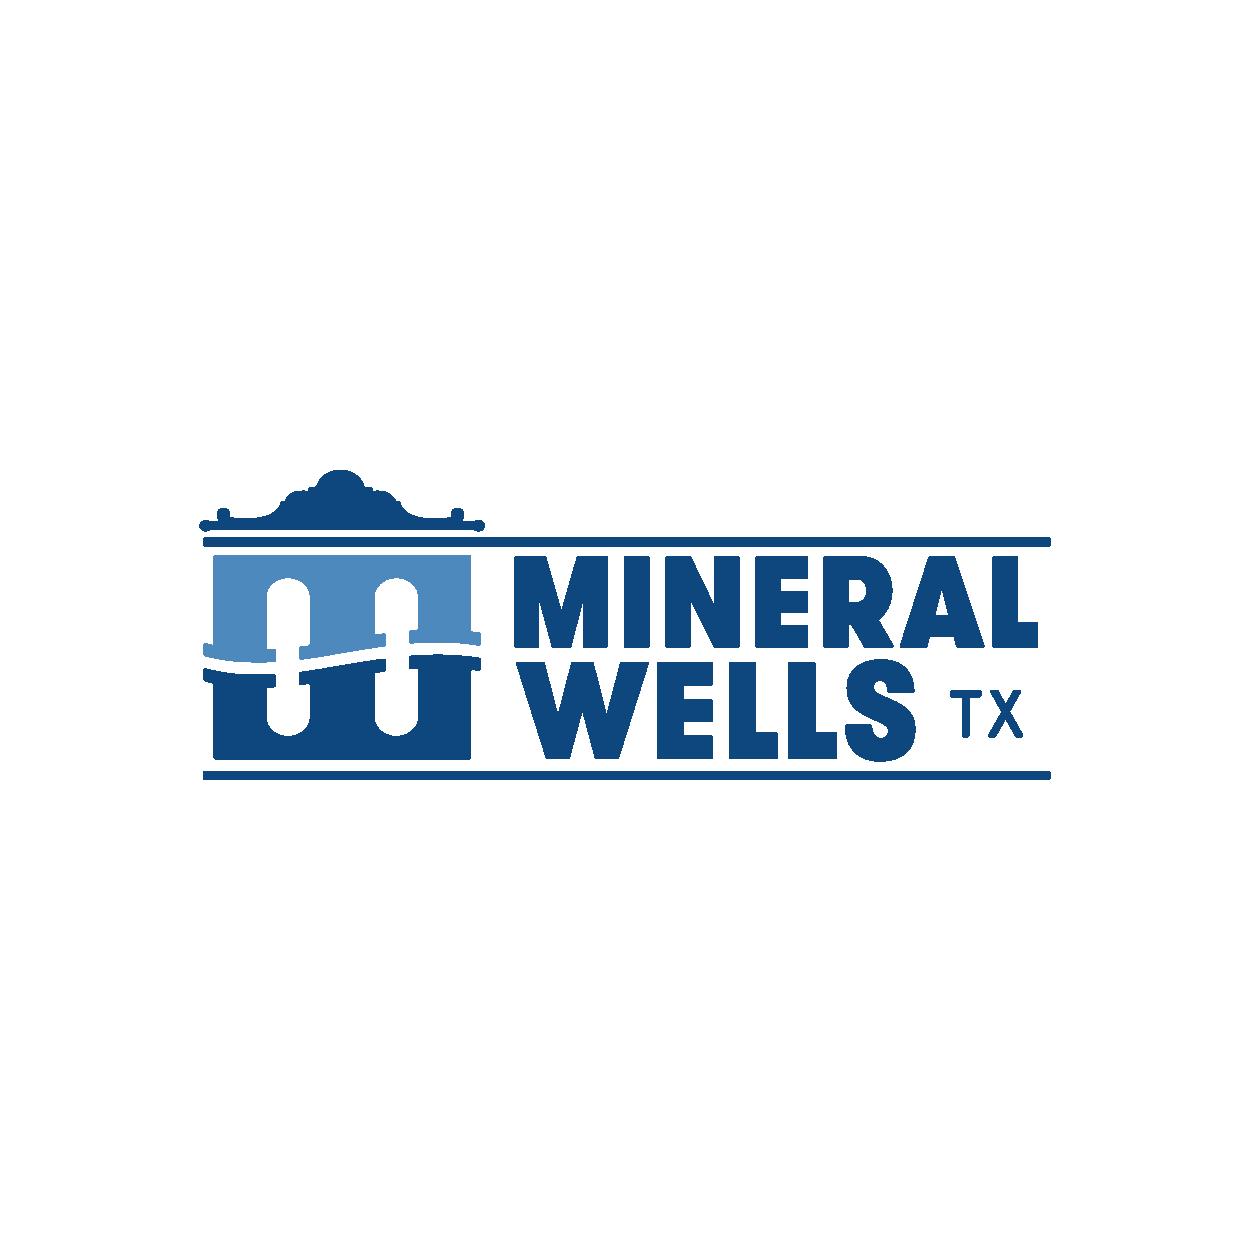 33-mineralwells.png